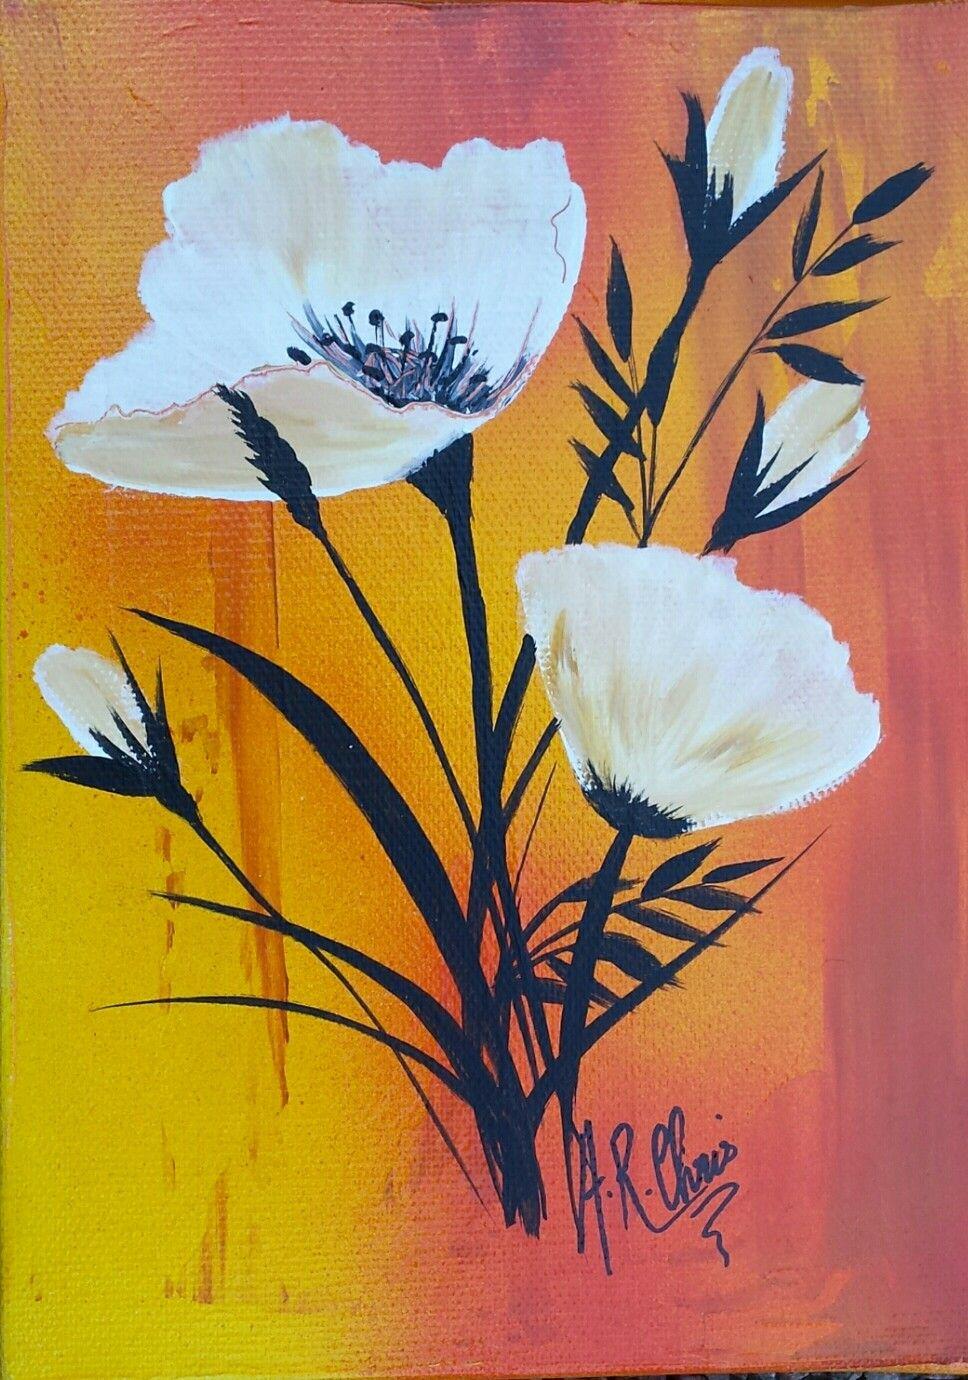 Peinture Acrylique Sur Toile 25x35 By Raffin Christine Facebook L